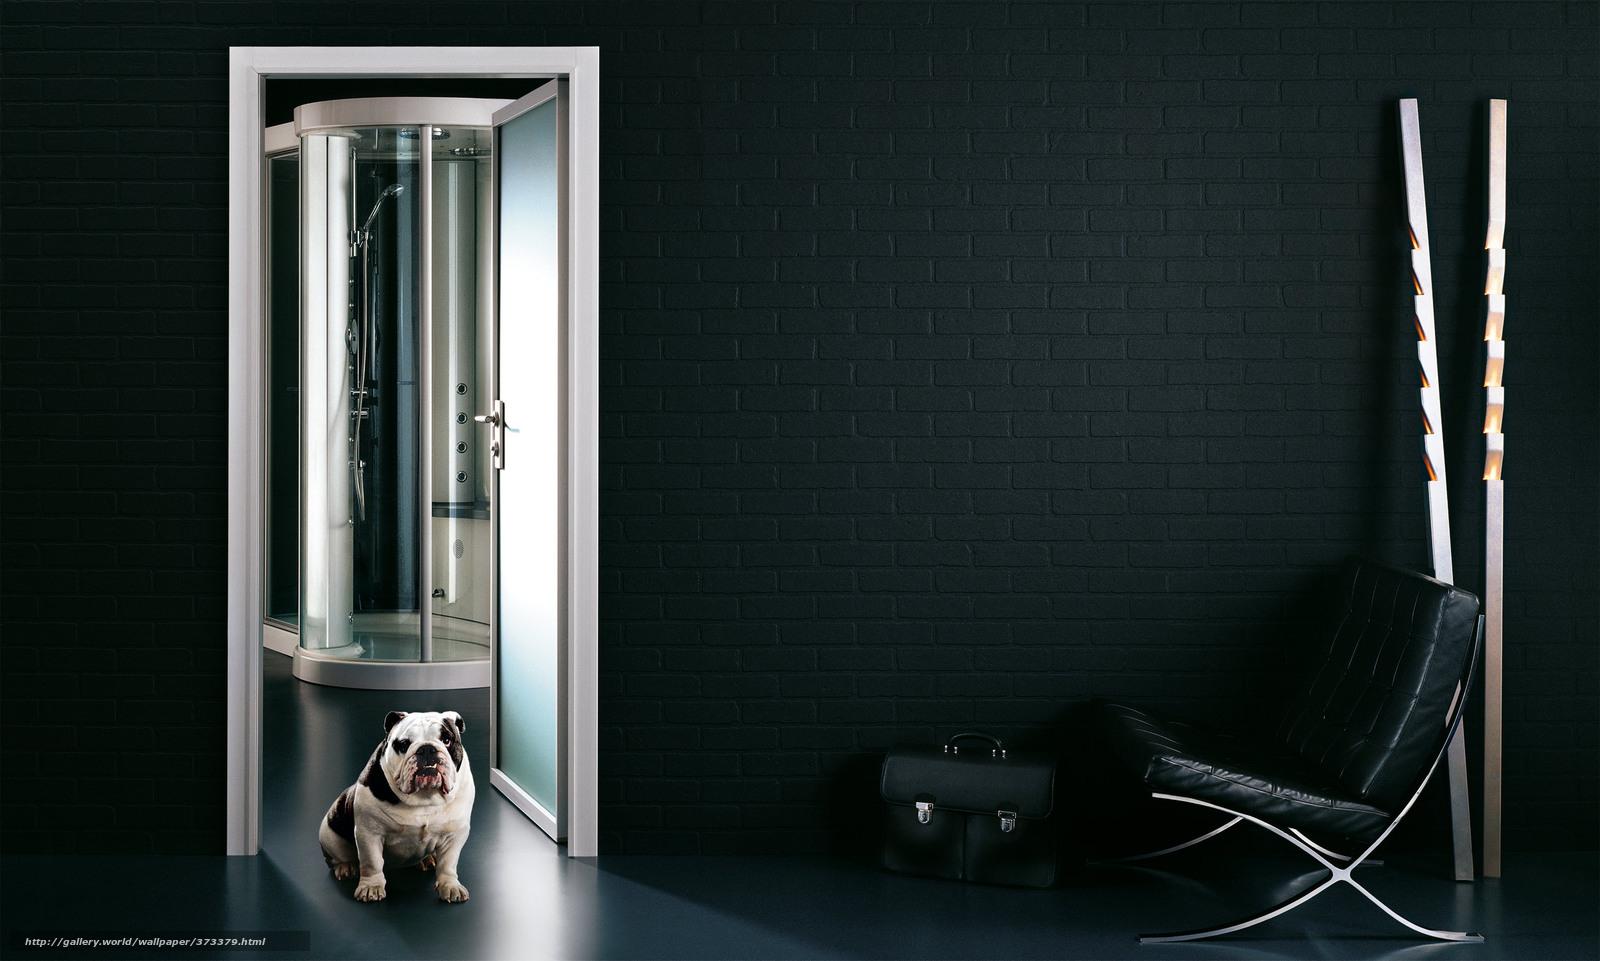 tlcharger fond d 39 ecran intrieur salle de bain chaise boxe fonds d 39 ecran gratuits pour votre. Black Bedroom Furniture Sets. Home Design Ideas